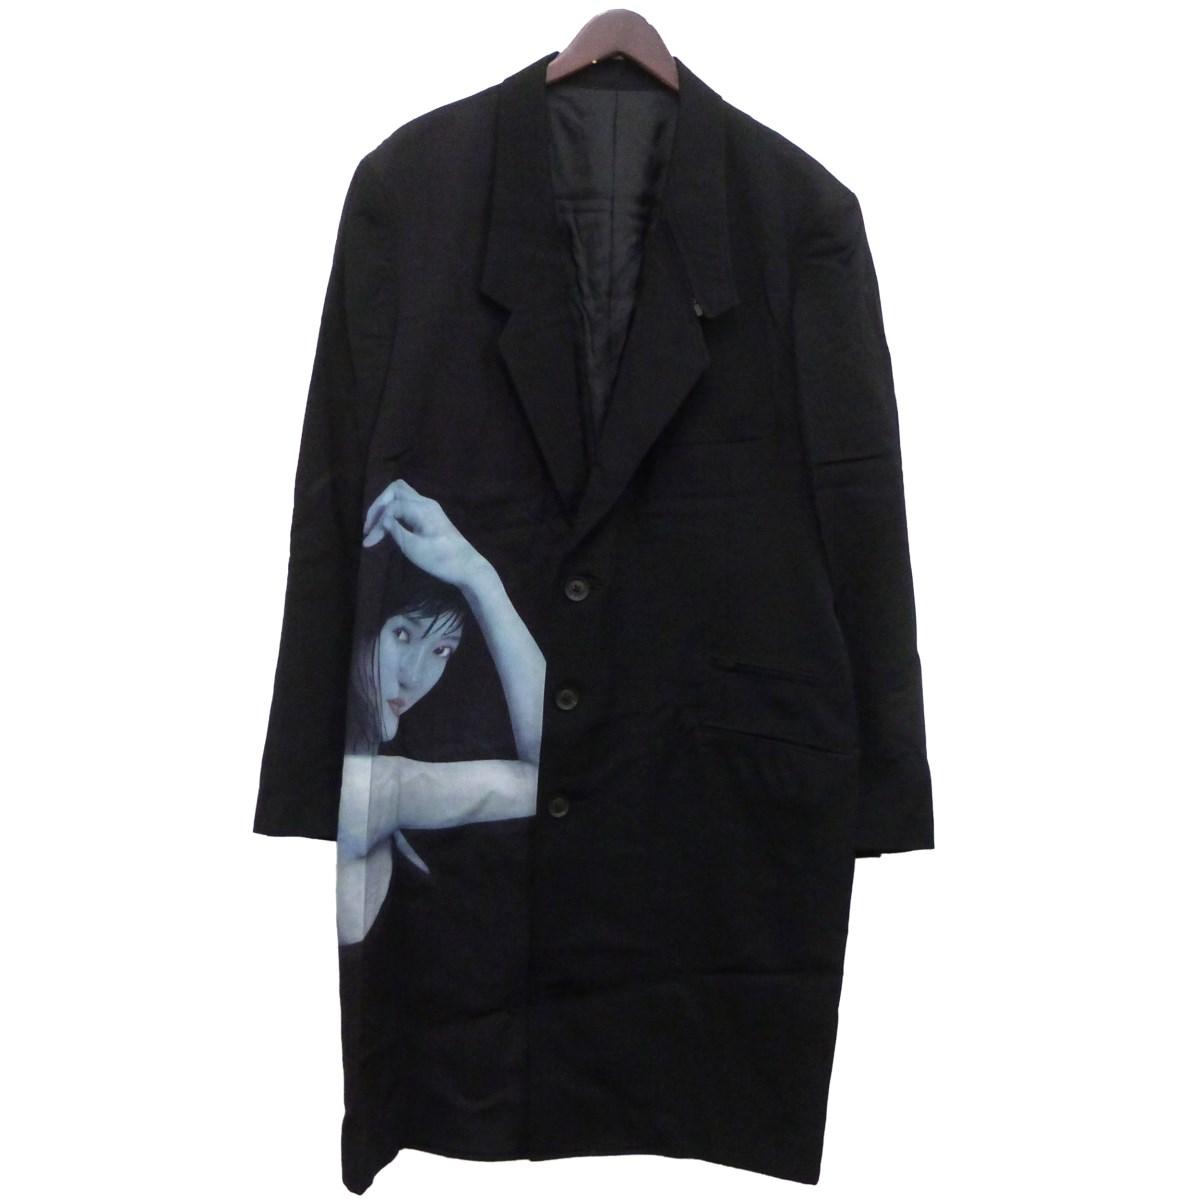 【中古】BLACK SCANDAL YOHJI YAMAMOTO×内田すずめ 18AW 街子ジャケット ブラック サイズ:2 【170420】(ブラック スキャンダル ヨウジヤマモト×内田すずめ)